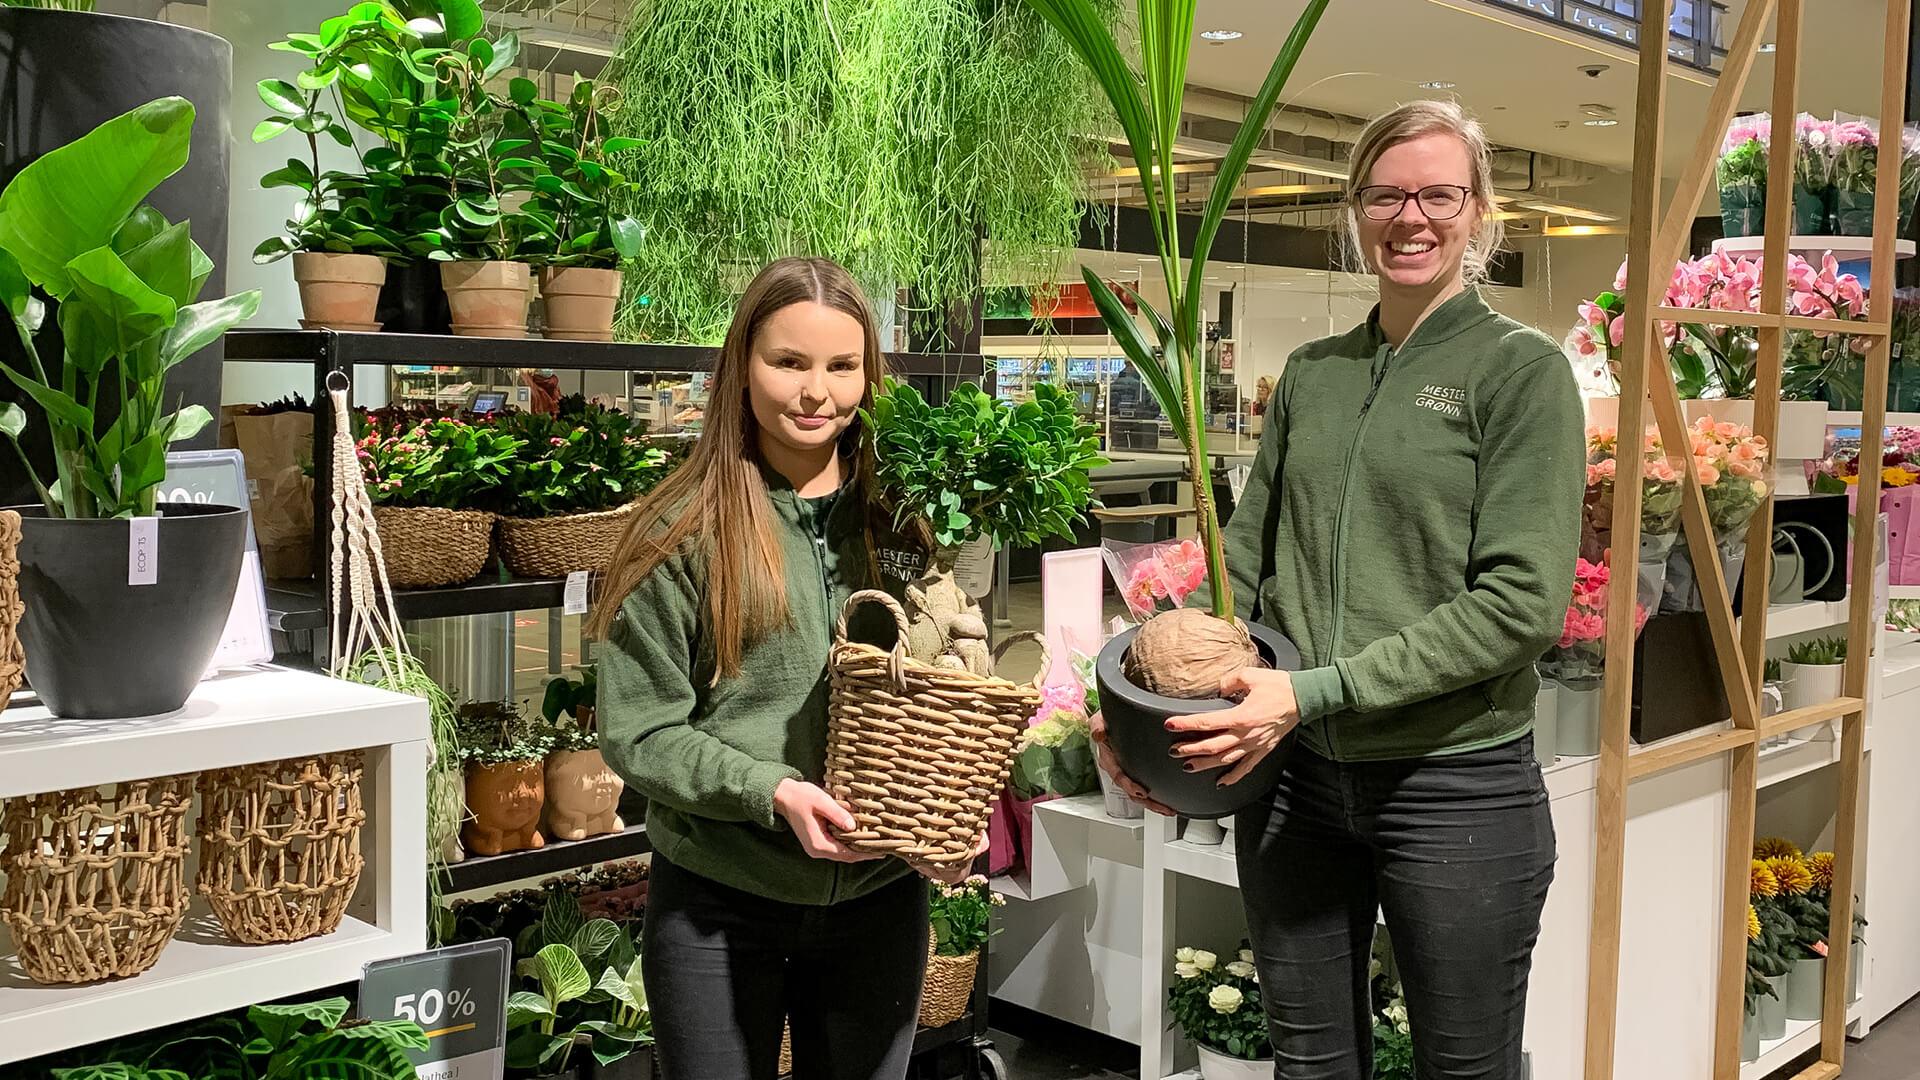 Bilde av to damer som holder grønne planter